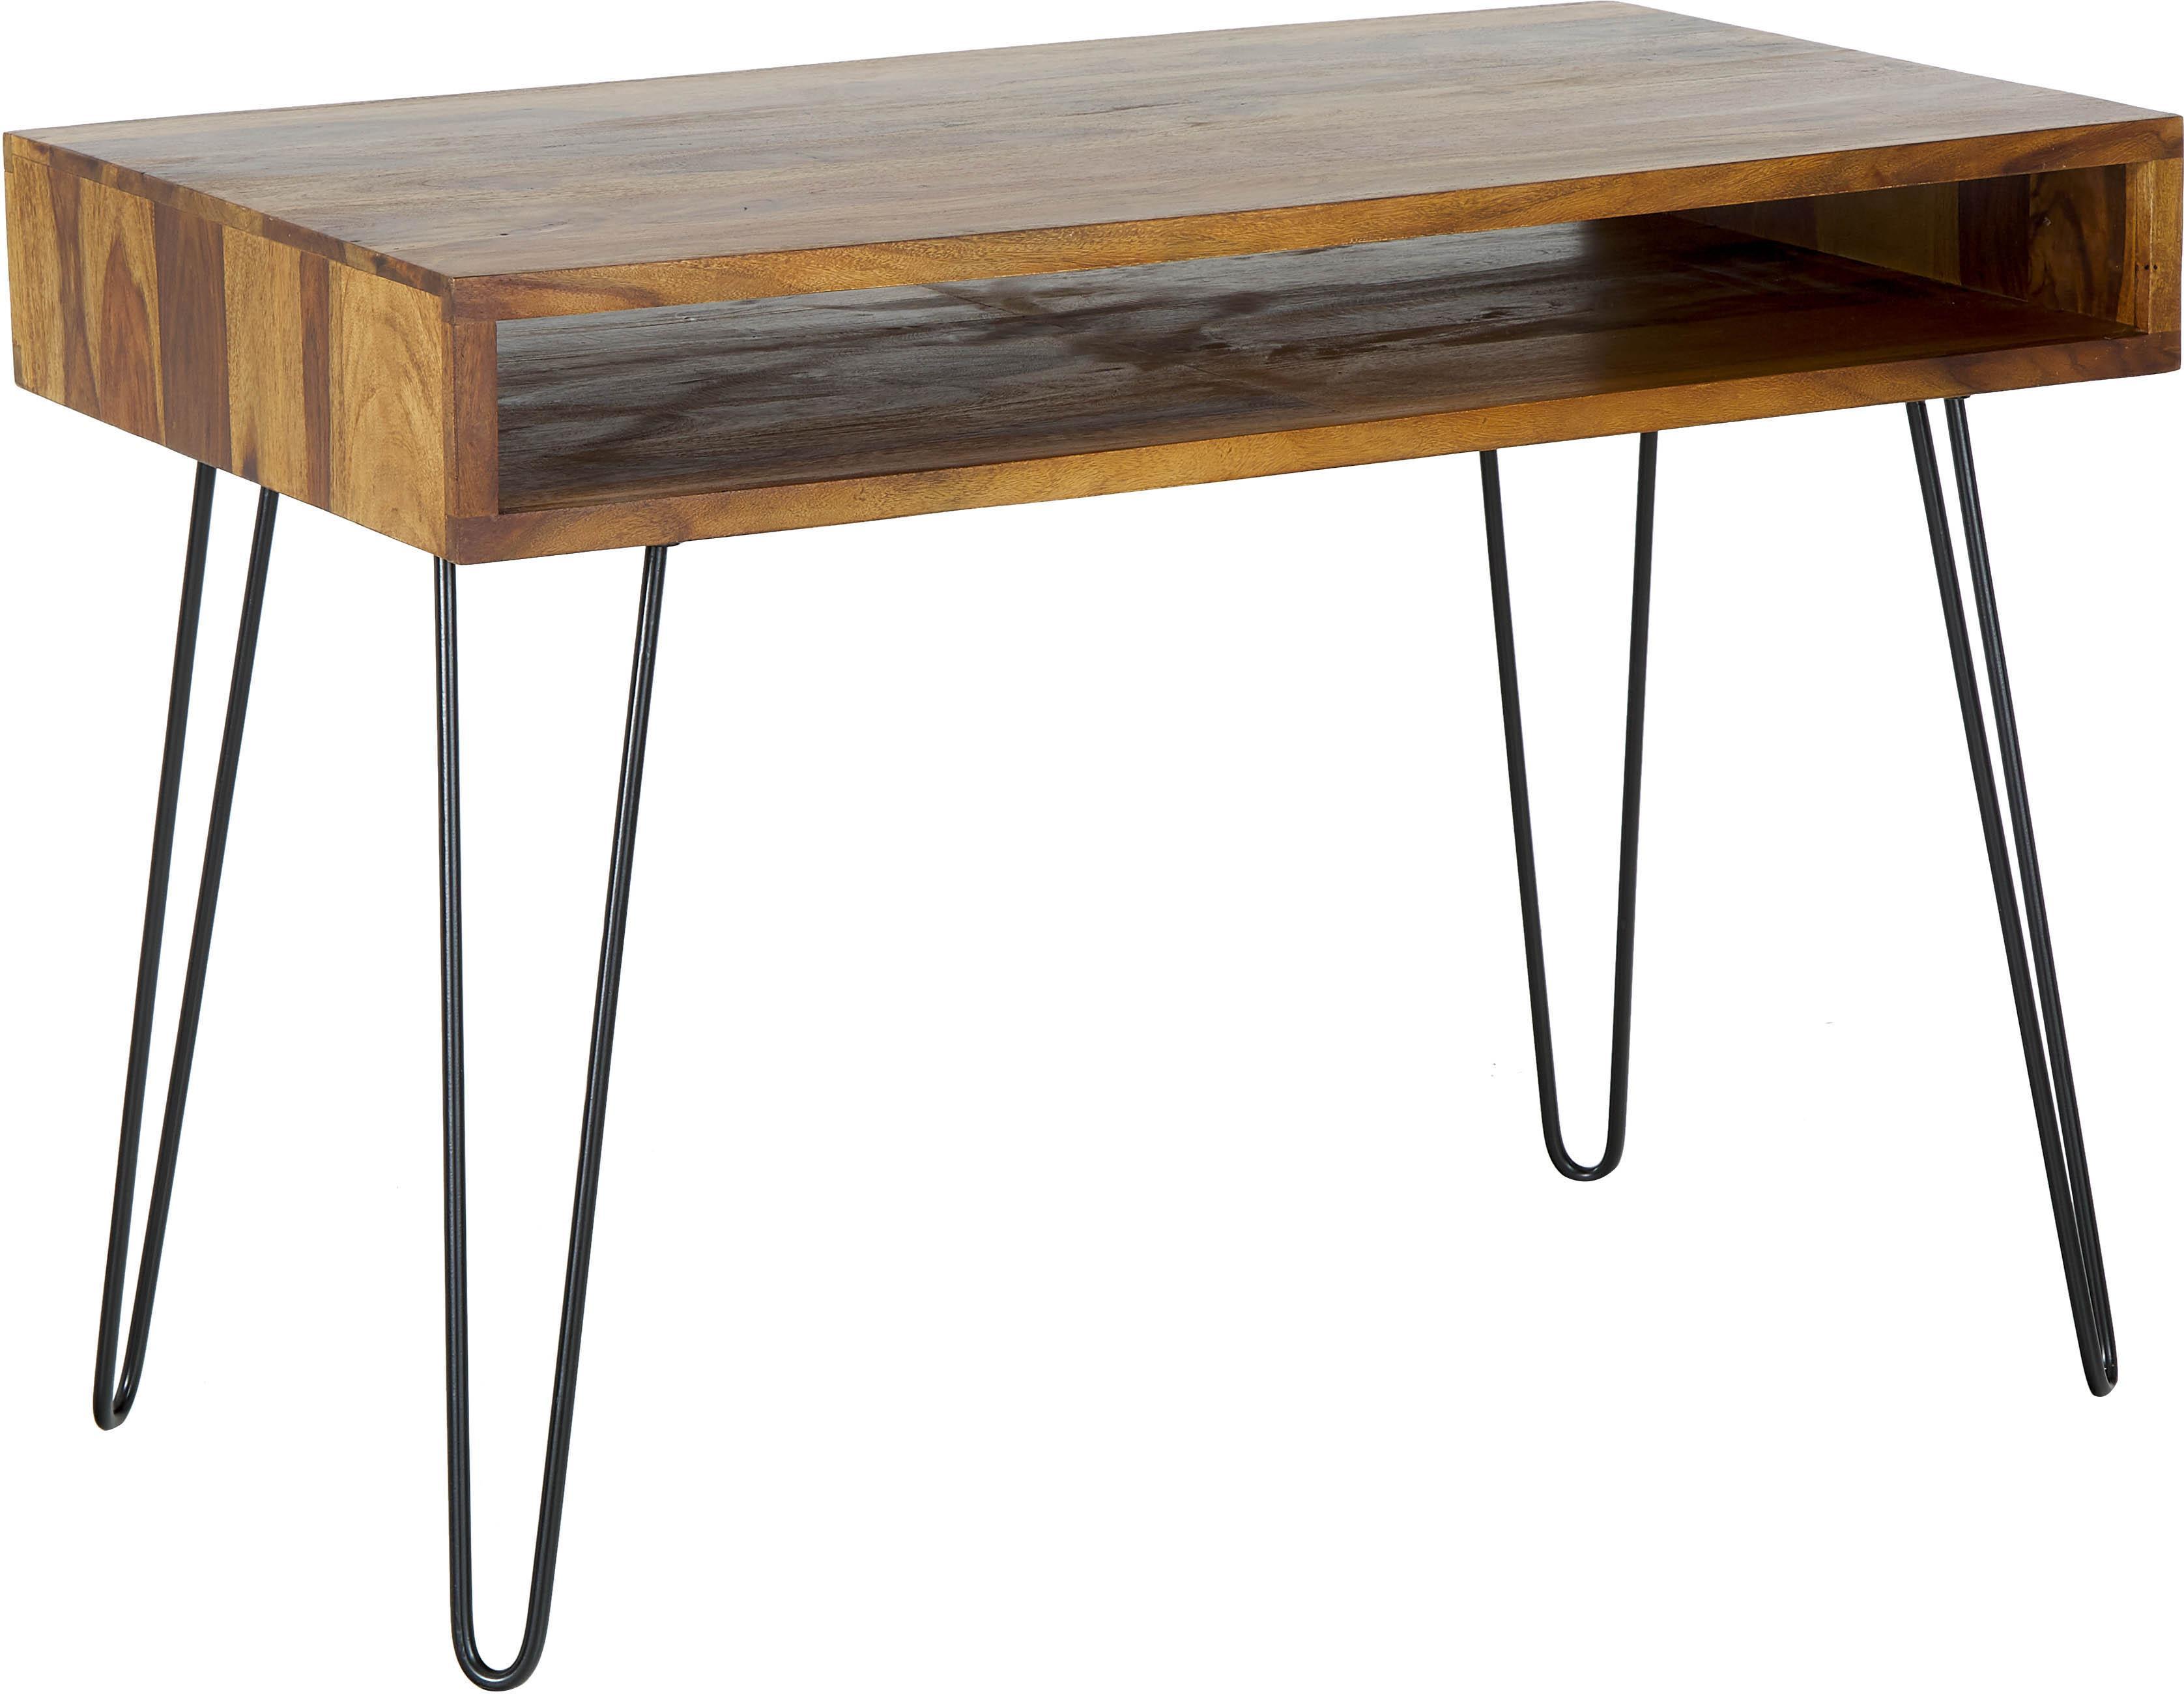 Scrivania in legno e metallo Repa, Gambe: metallo verniciato, Legno di Sheesham, nero, Larg. 110 x Alt. 76 cm